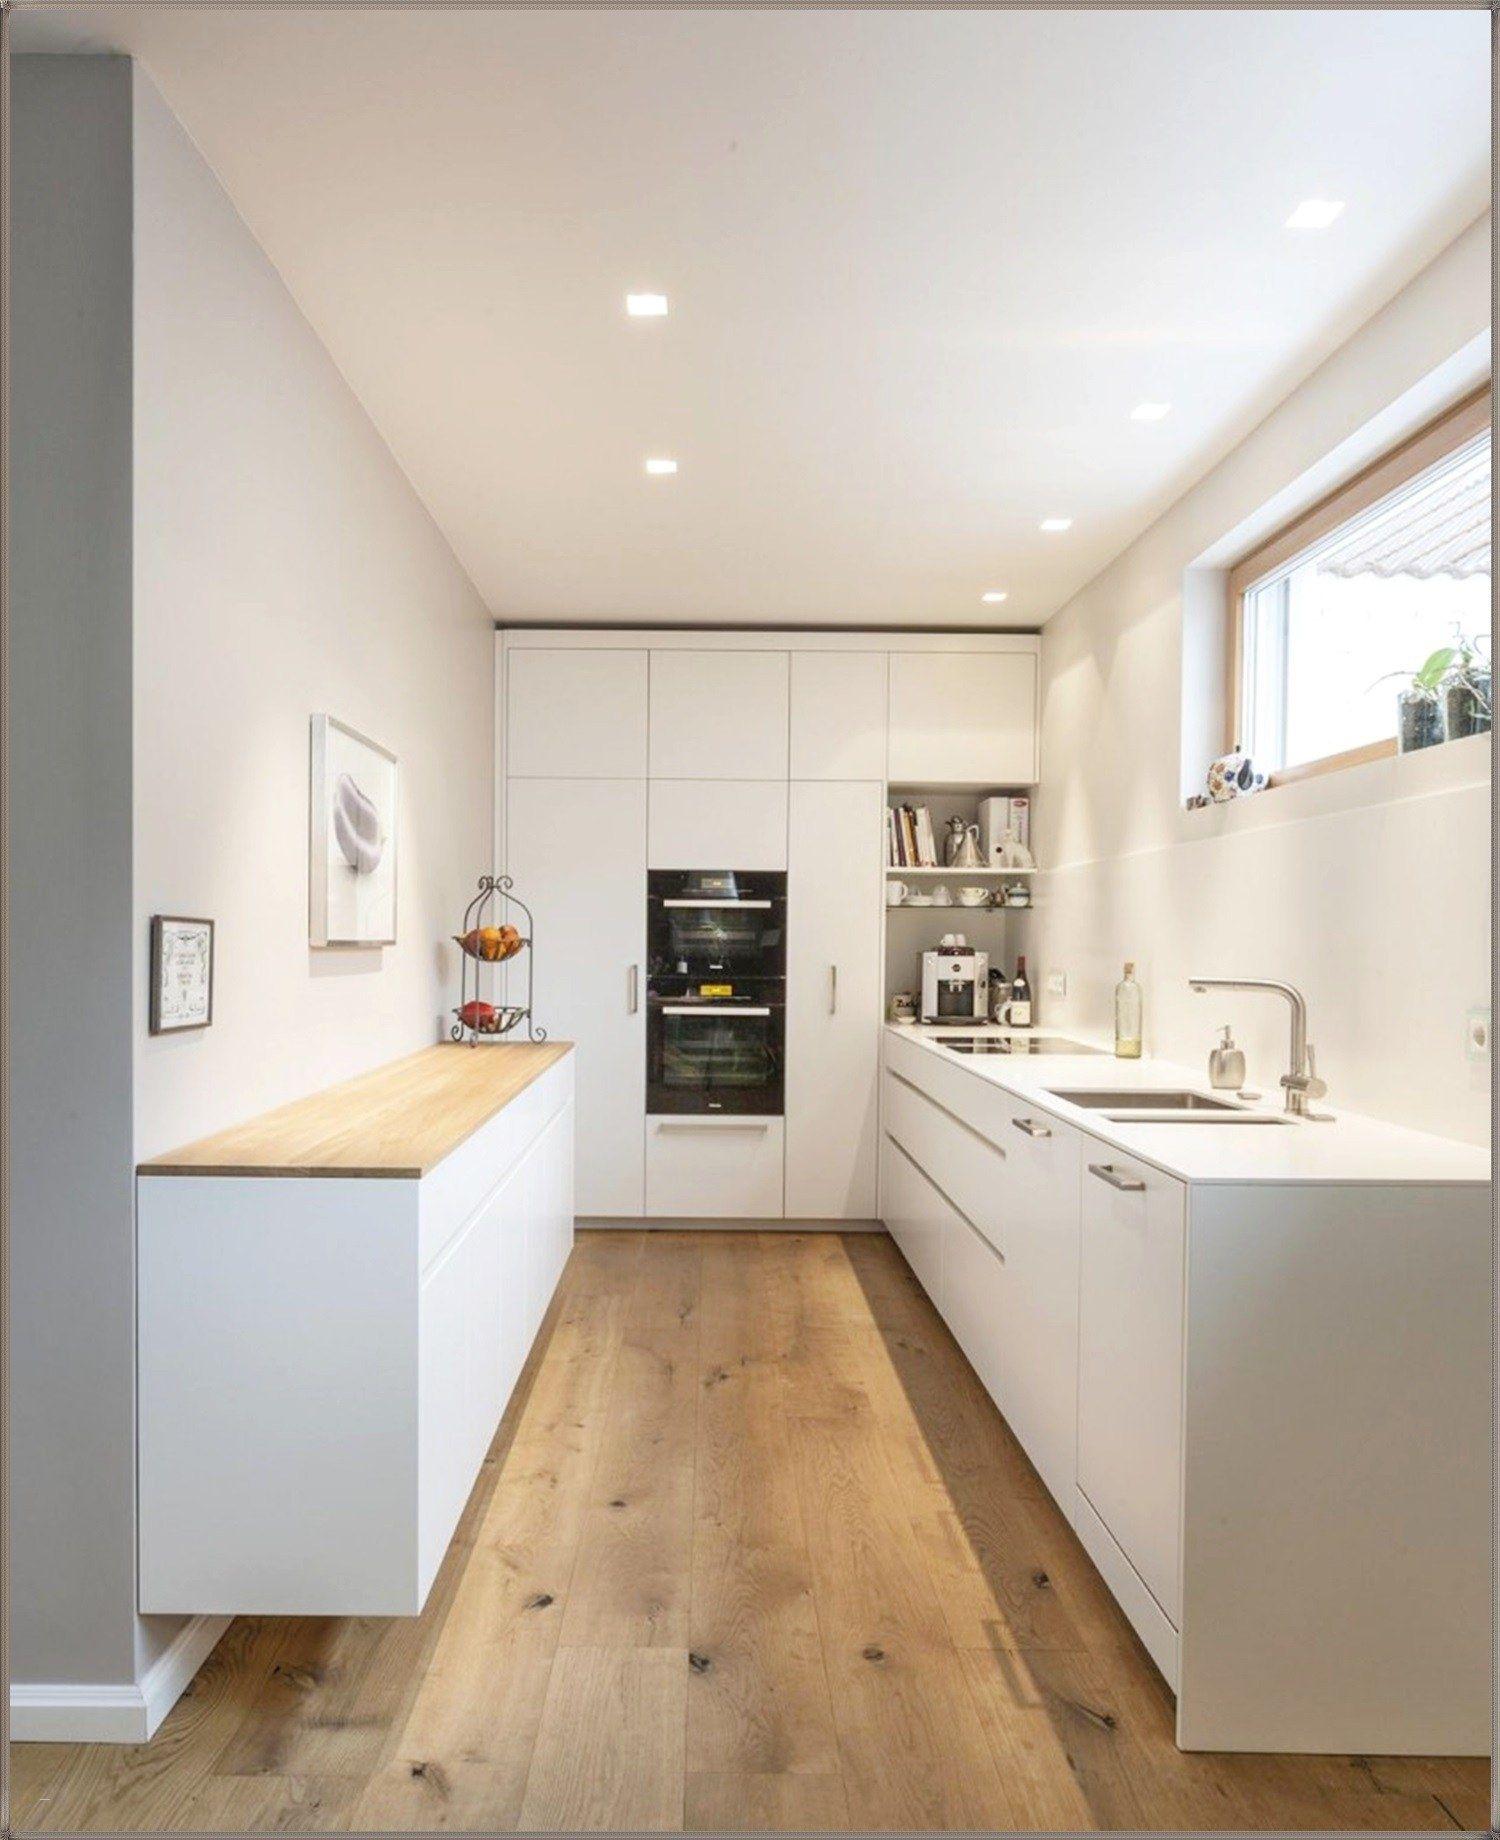 Küchendesign grün  deko ideen küche grün check more at bhealthynowfodeko